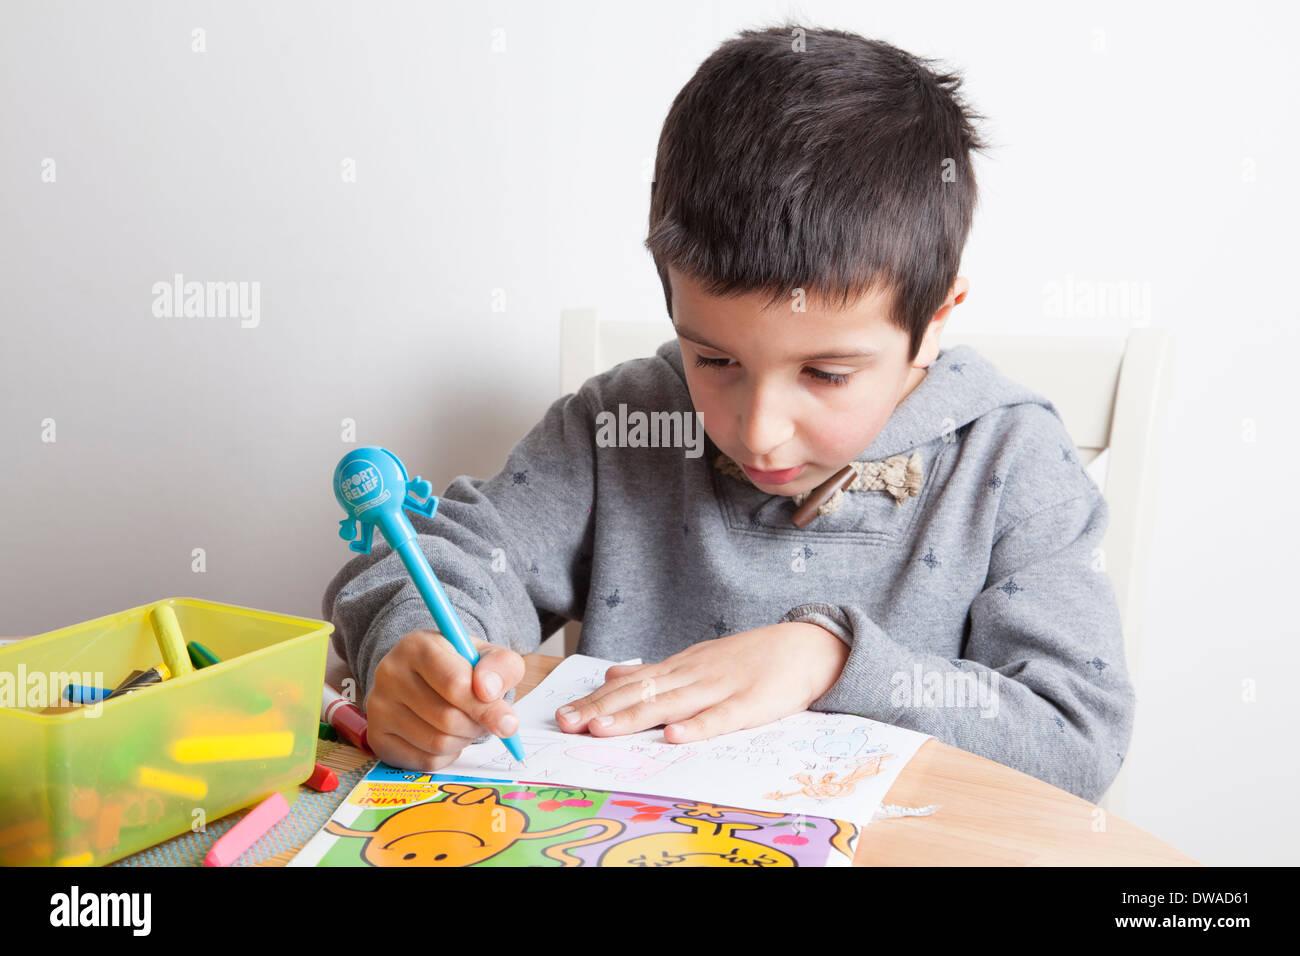 Ragazzo disegna un'immagine Immagini Stock